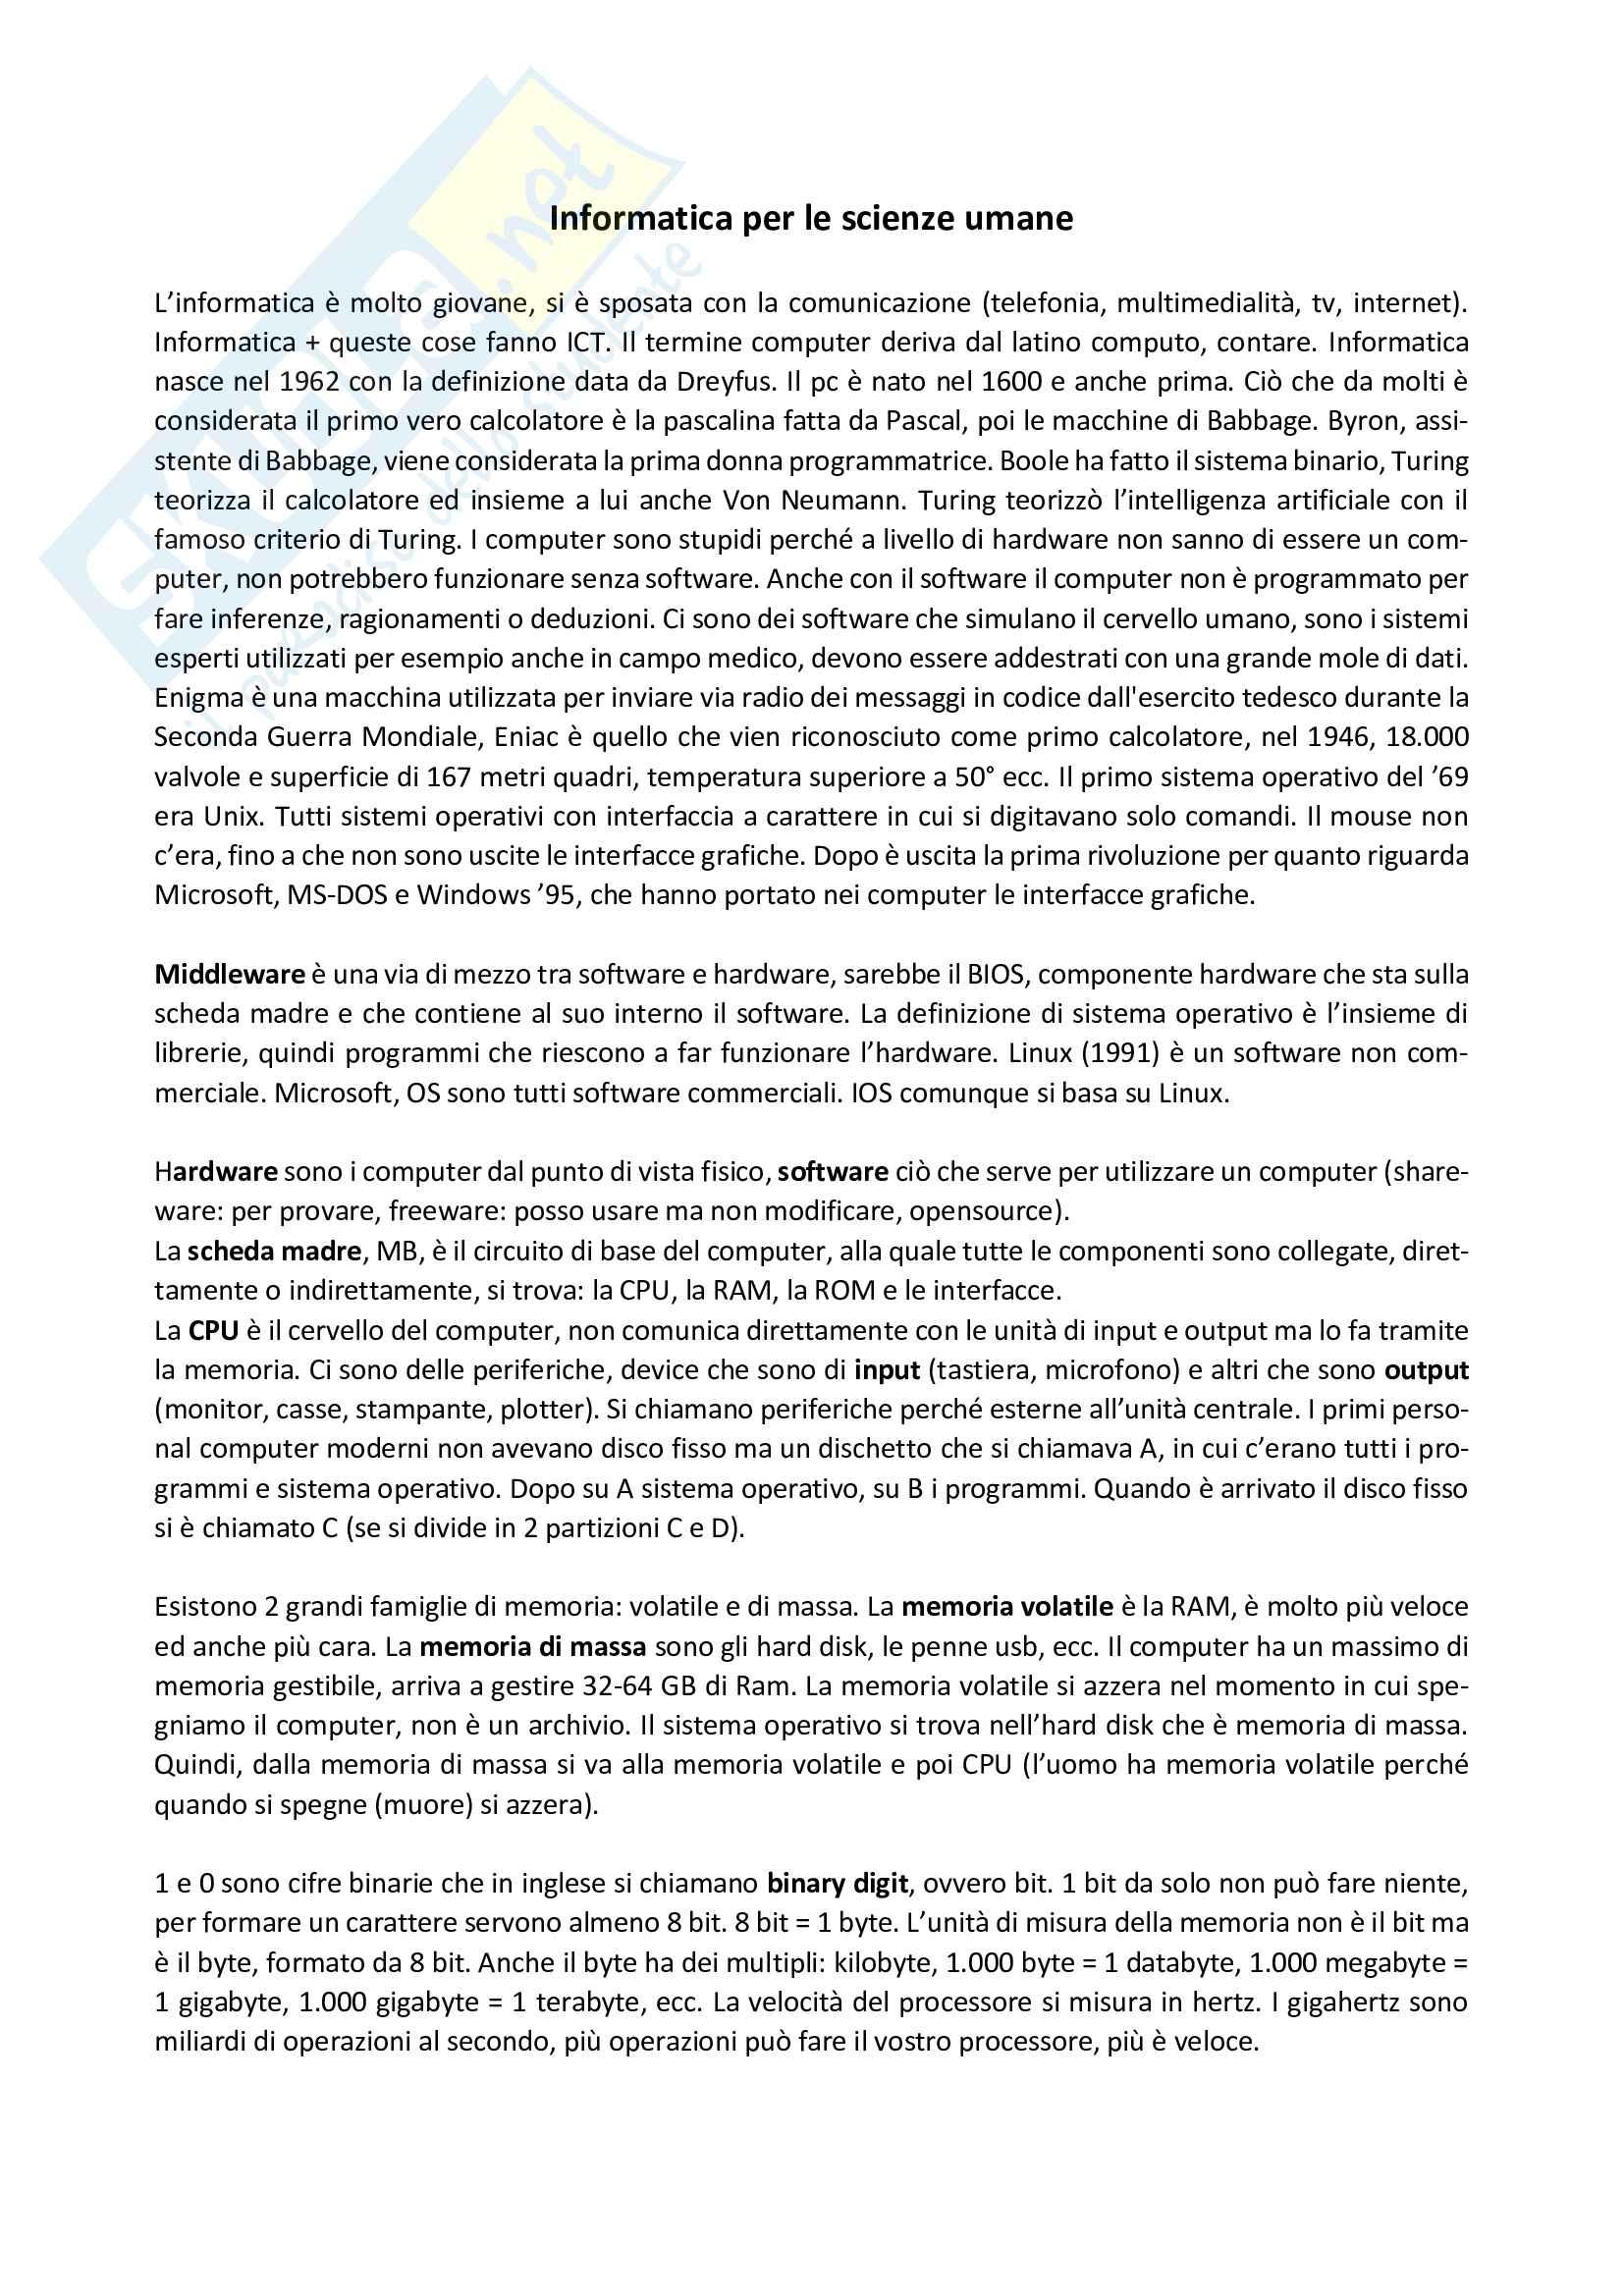 Riassunto esame Informatica per le scienze umane, prof. Rizzo, materiale consigliato: slide delle lezioni